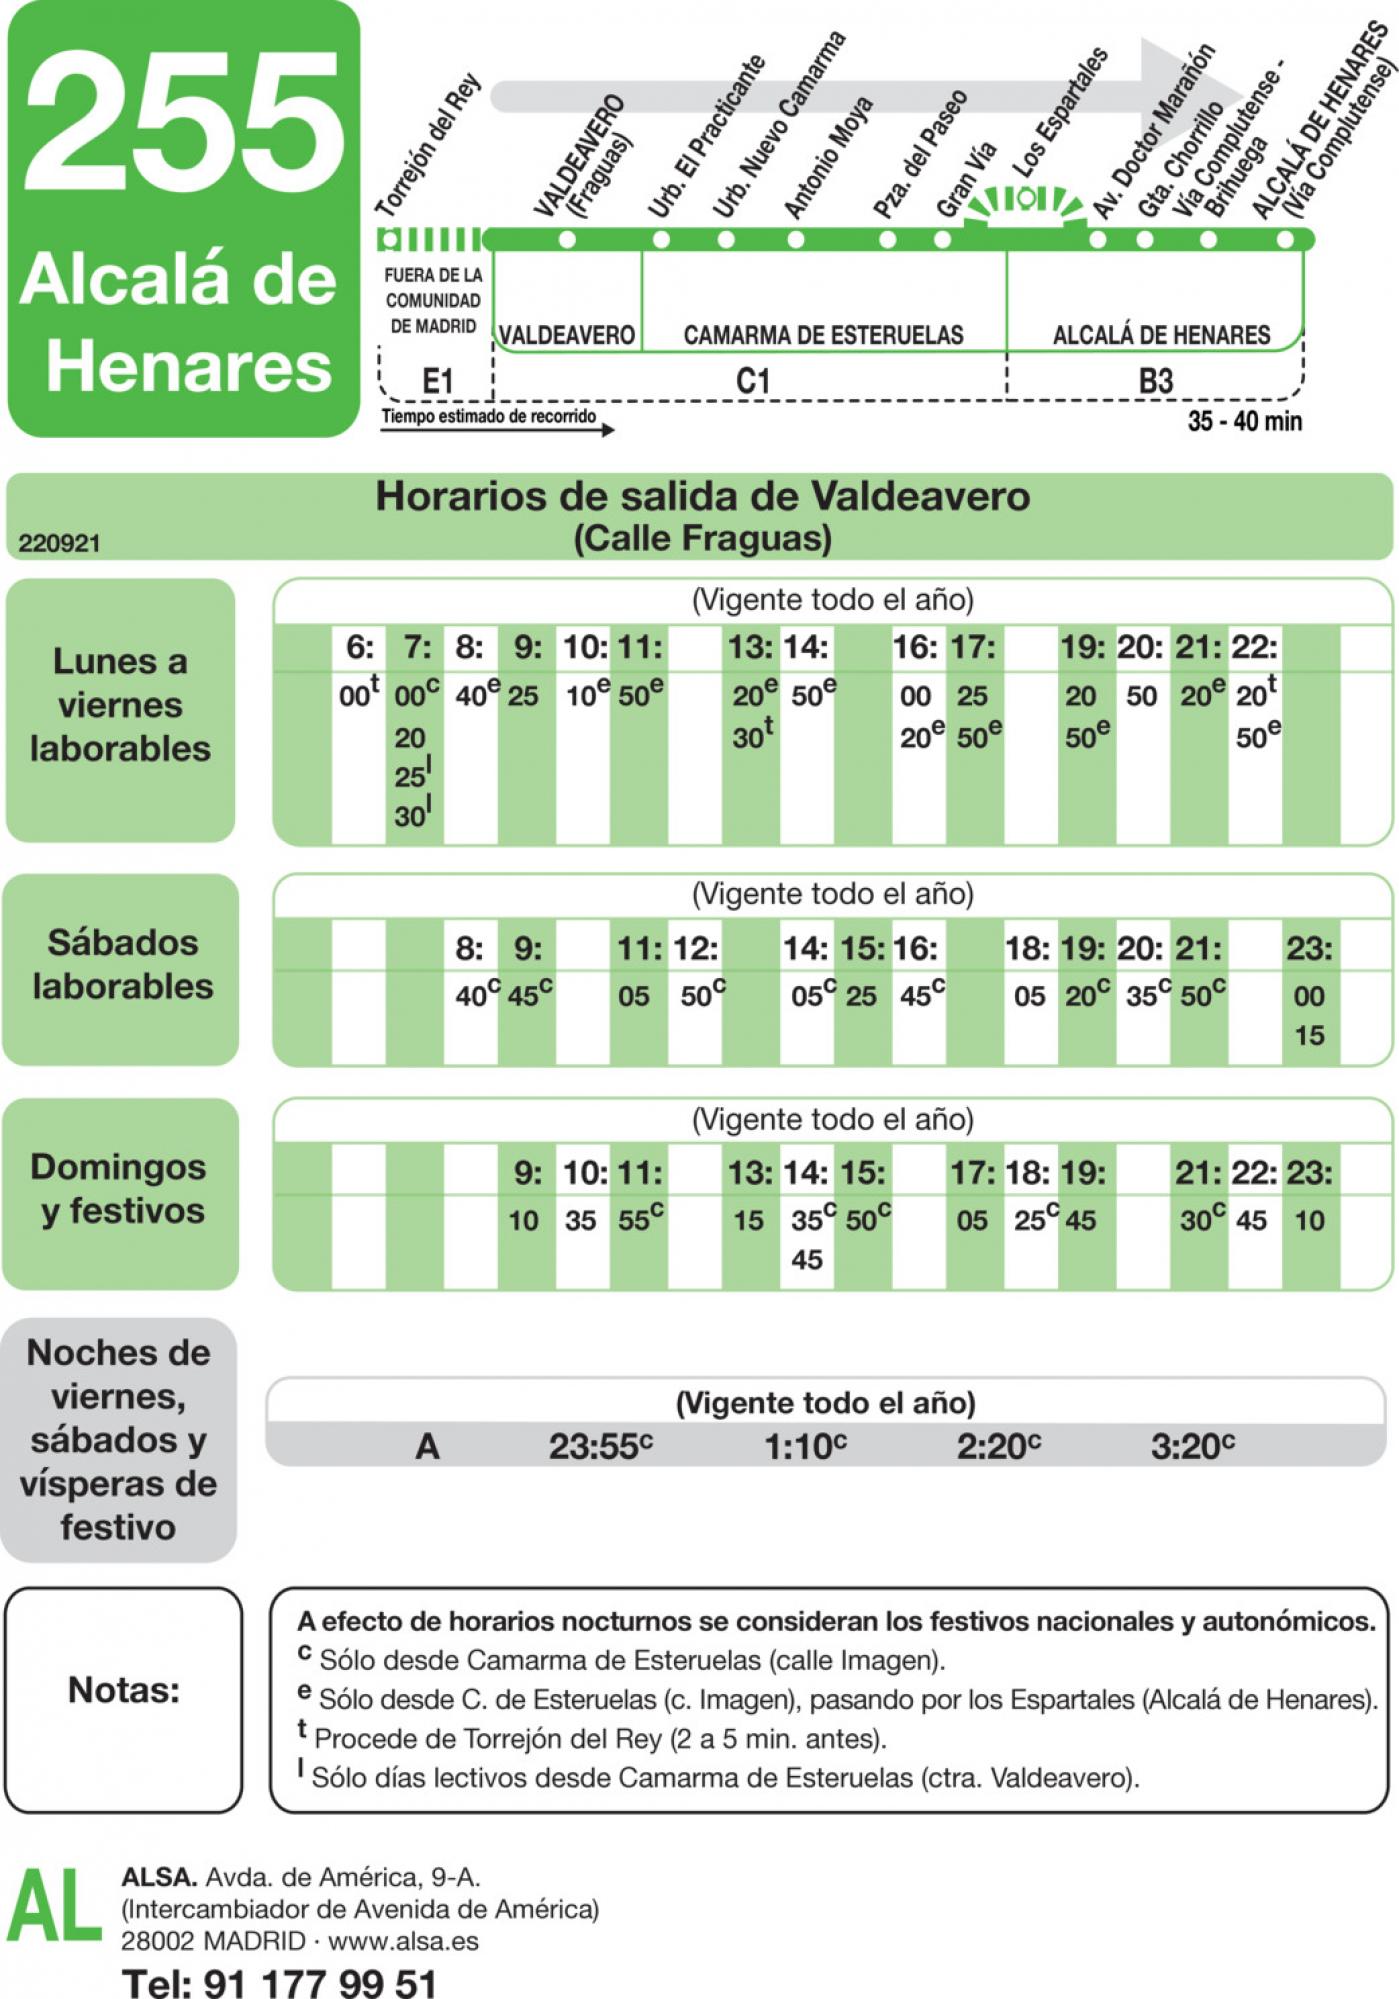 Tabla de horarios y frecuencias de paso en sentido ida Línea 255: Valdeavero - Camarma de Esteruelas - Alcalá de Henares